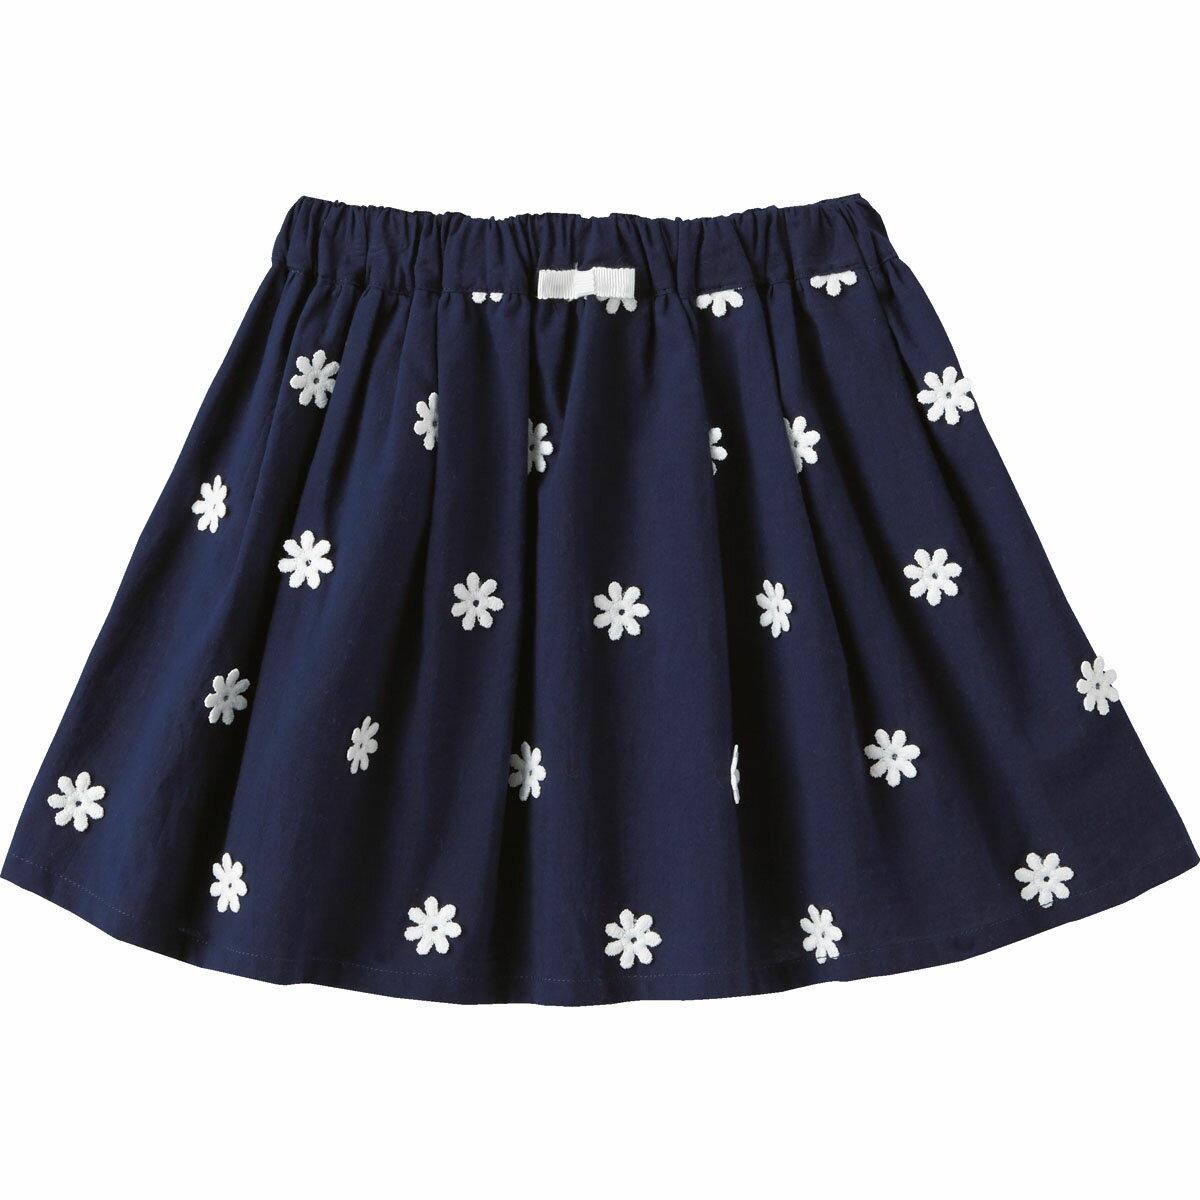 スカート(ふんわりフラワー){女の子}《コンビミニ》ギフト ベビー服 子供服 Combi miniスカート(ふんわりフラワー)